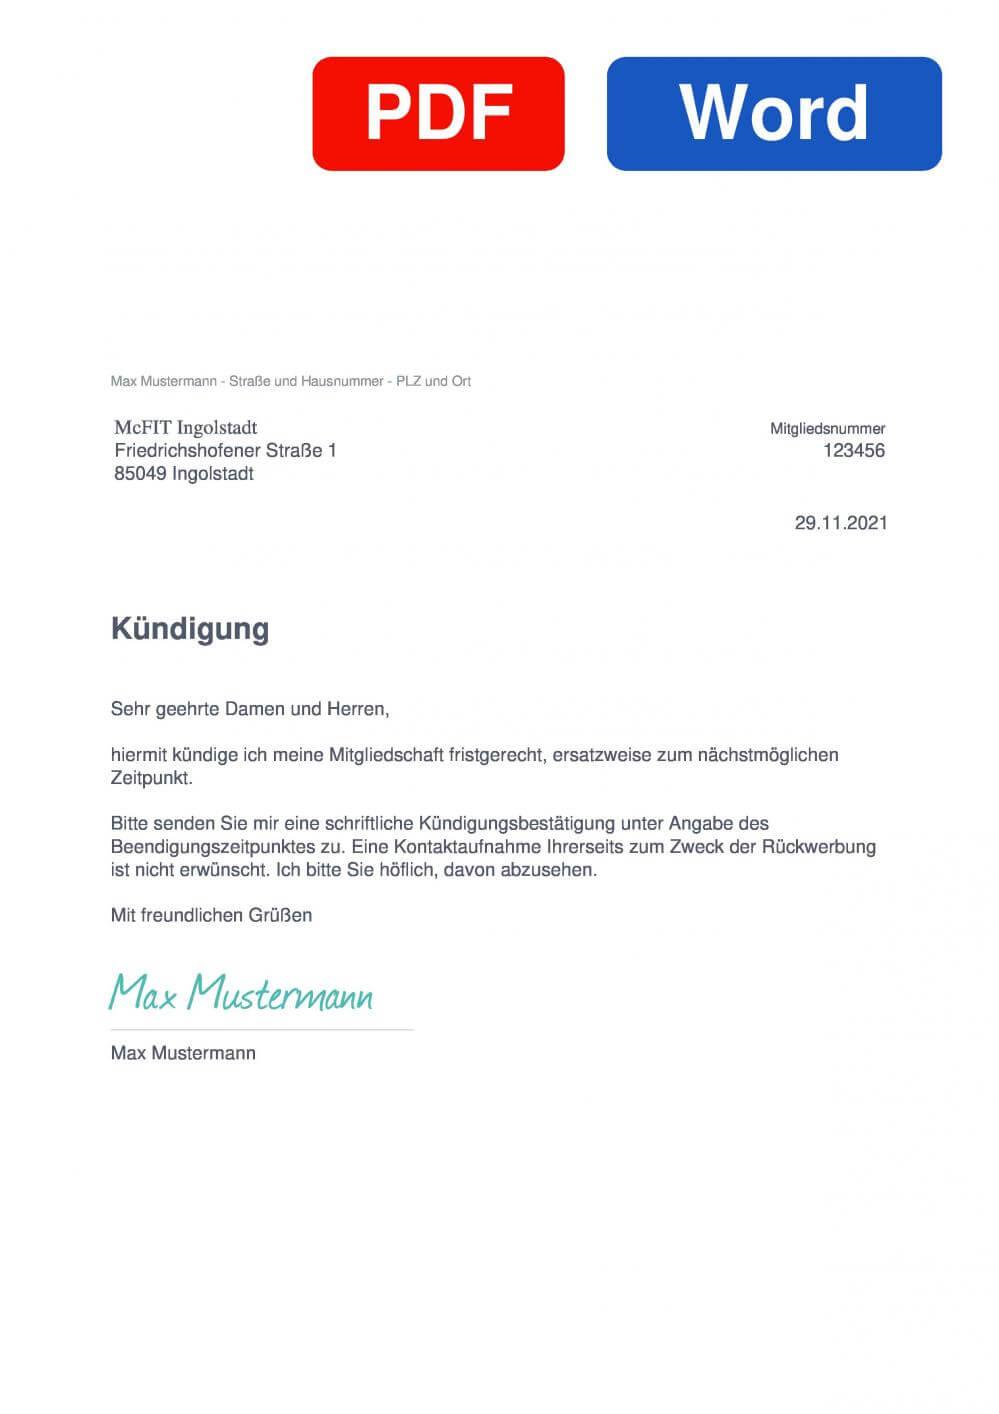 McFIT Ingolstadt Muster Vorlage für Kündigungsschreiben